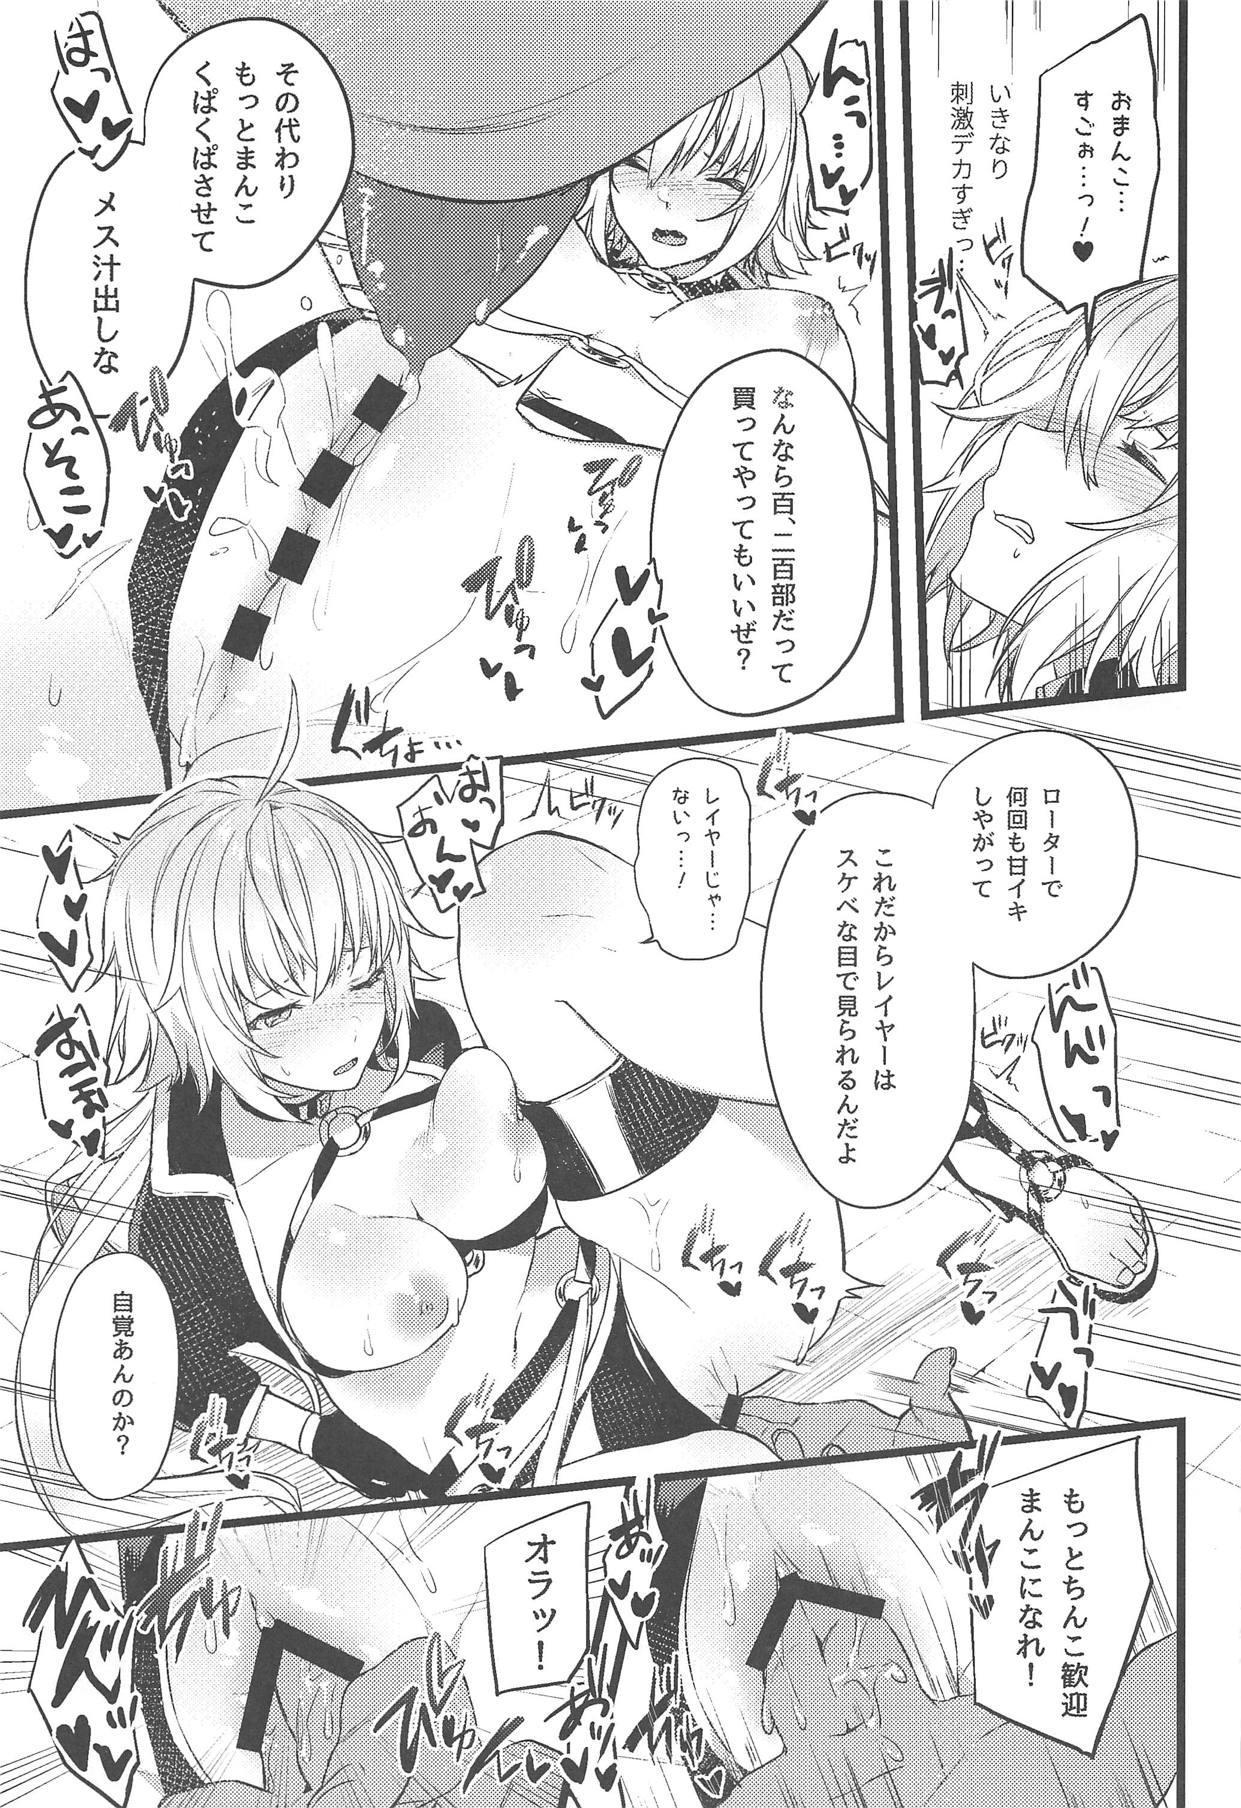 Gespenst Ketzer Setsuei Kanryou Shimashita 9